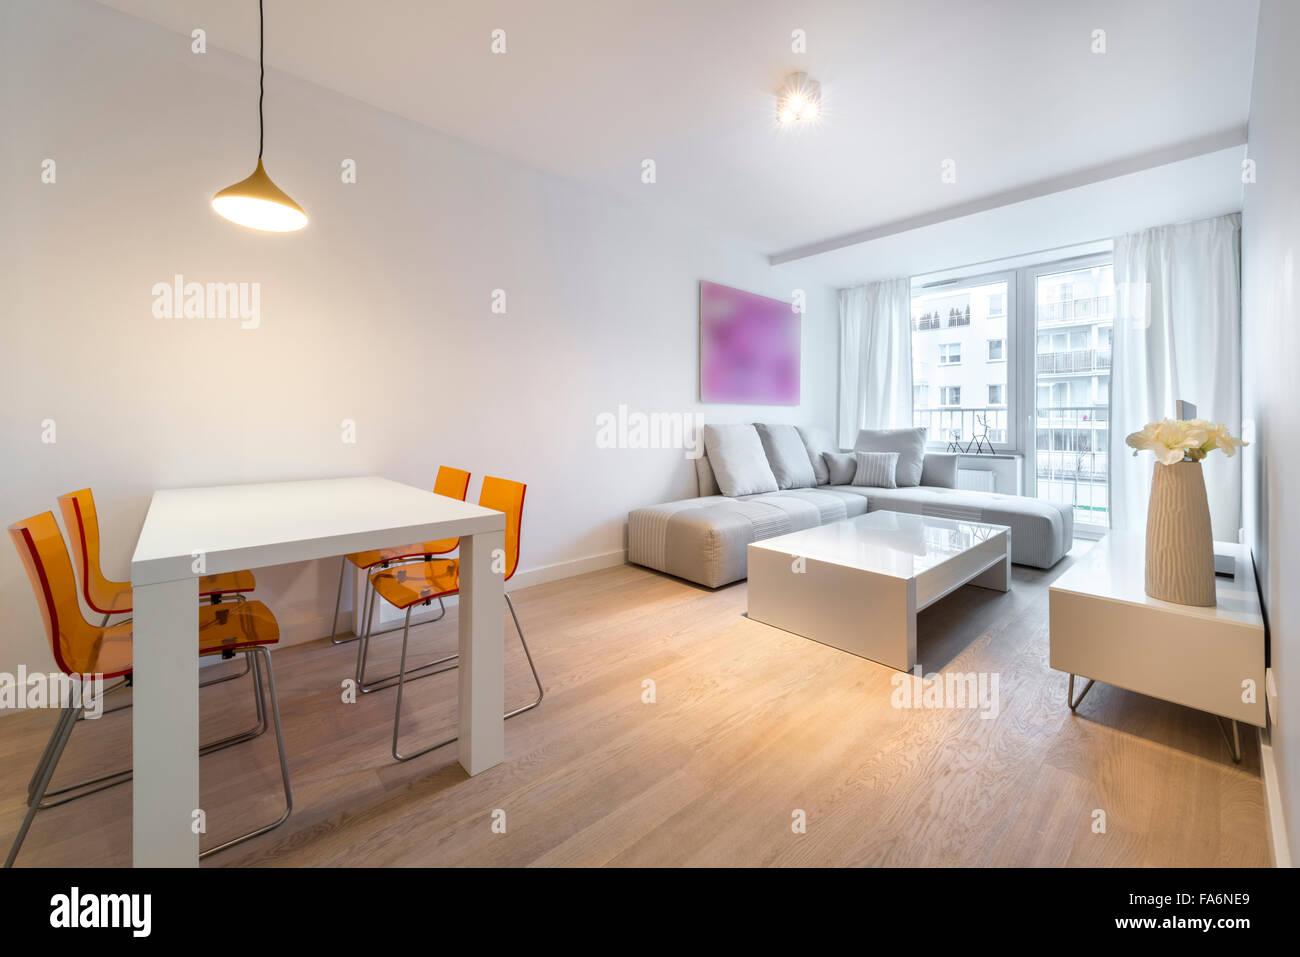 Moderne Innenarchitektur Wohnzimmer